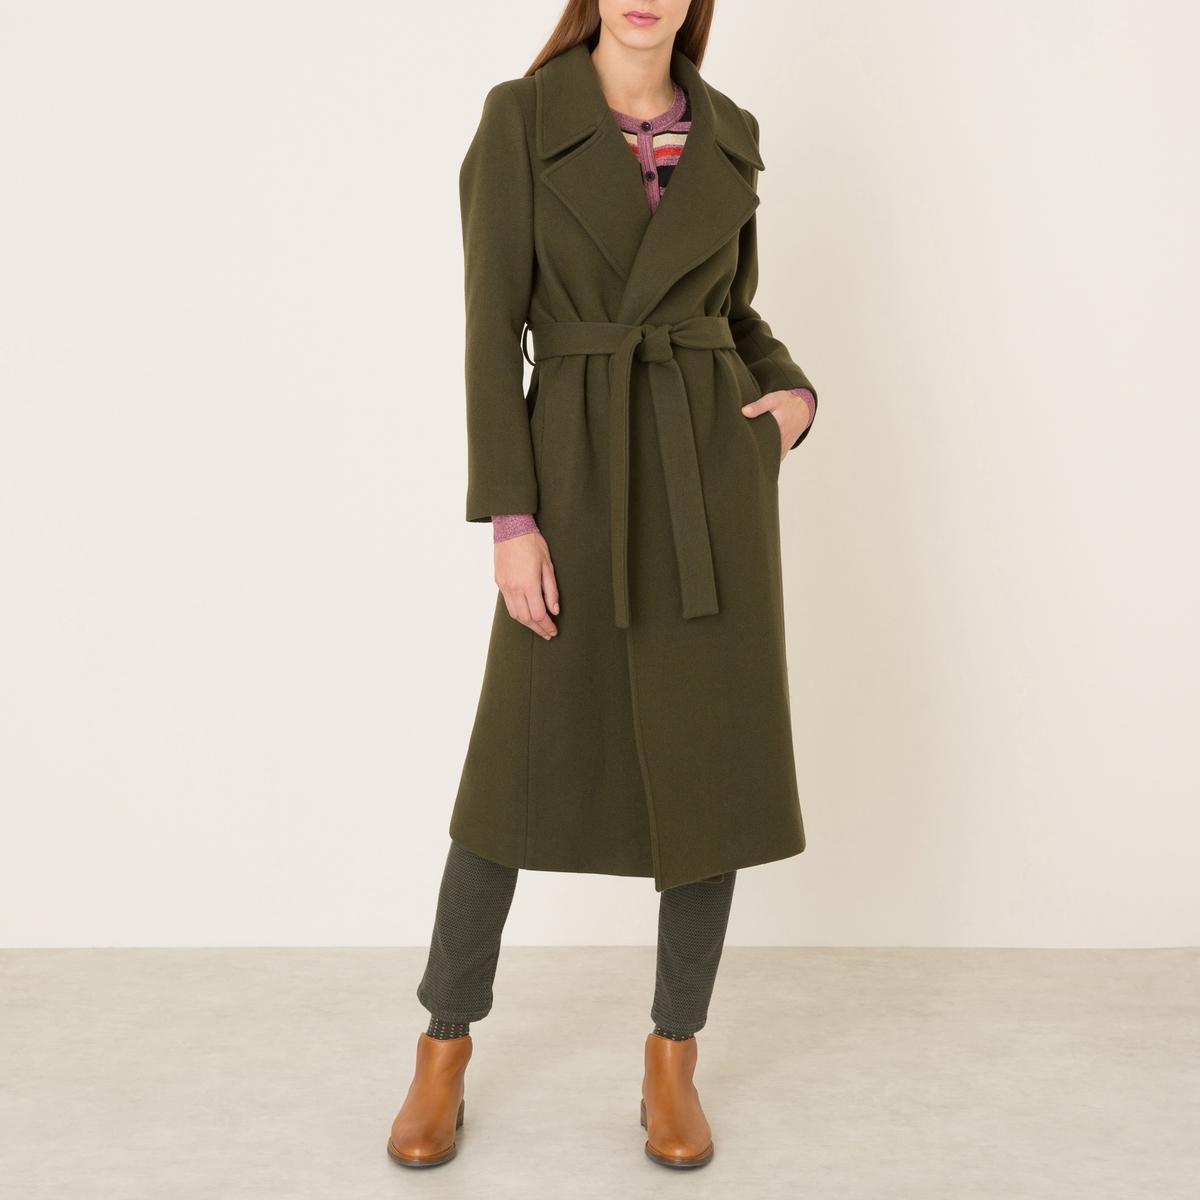 Пальто длинное женское однотонноеСостав и описание    Материал : 78% необработанной шерсти, 22% полиамида    Марка : LA BRAND BOUTIQUE<br><br>Цвет: хаки<br>Размер: 34 (FR) - 40 (RUS).38 (FR) - 44 (RUS)